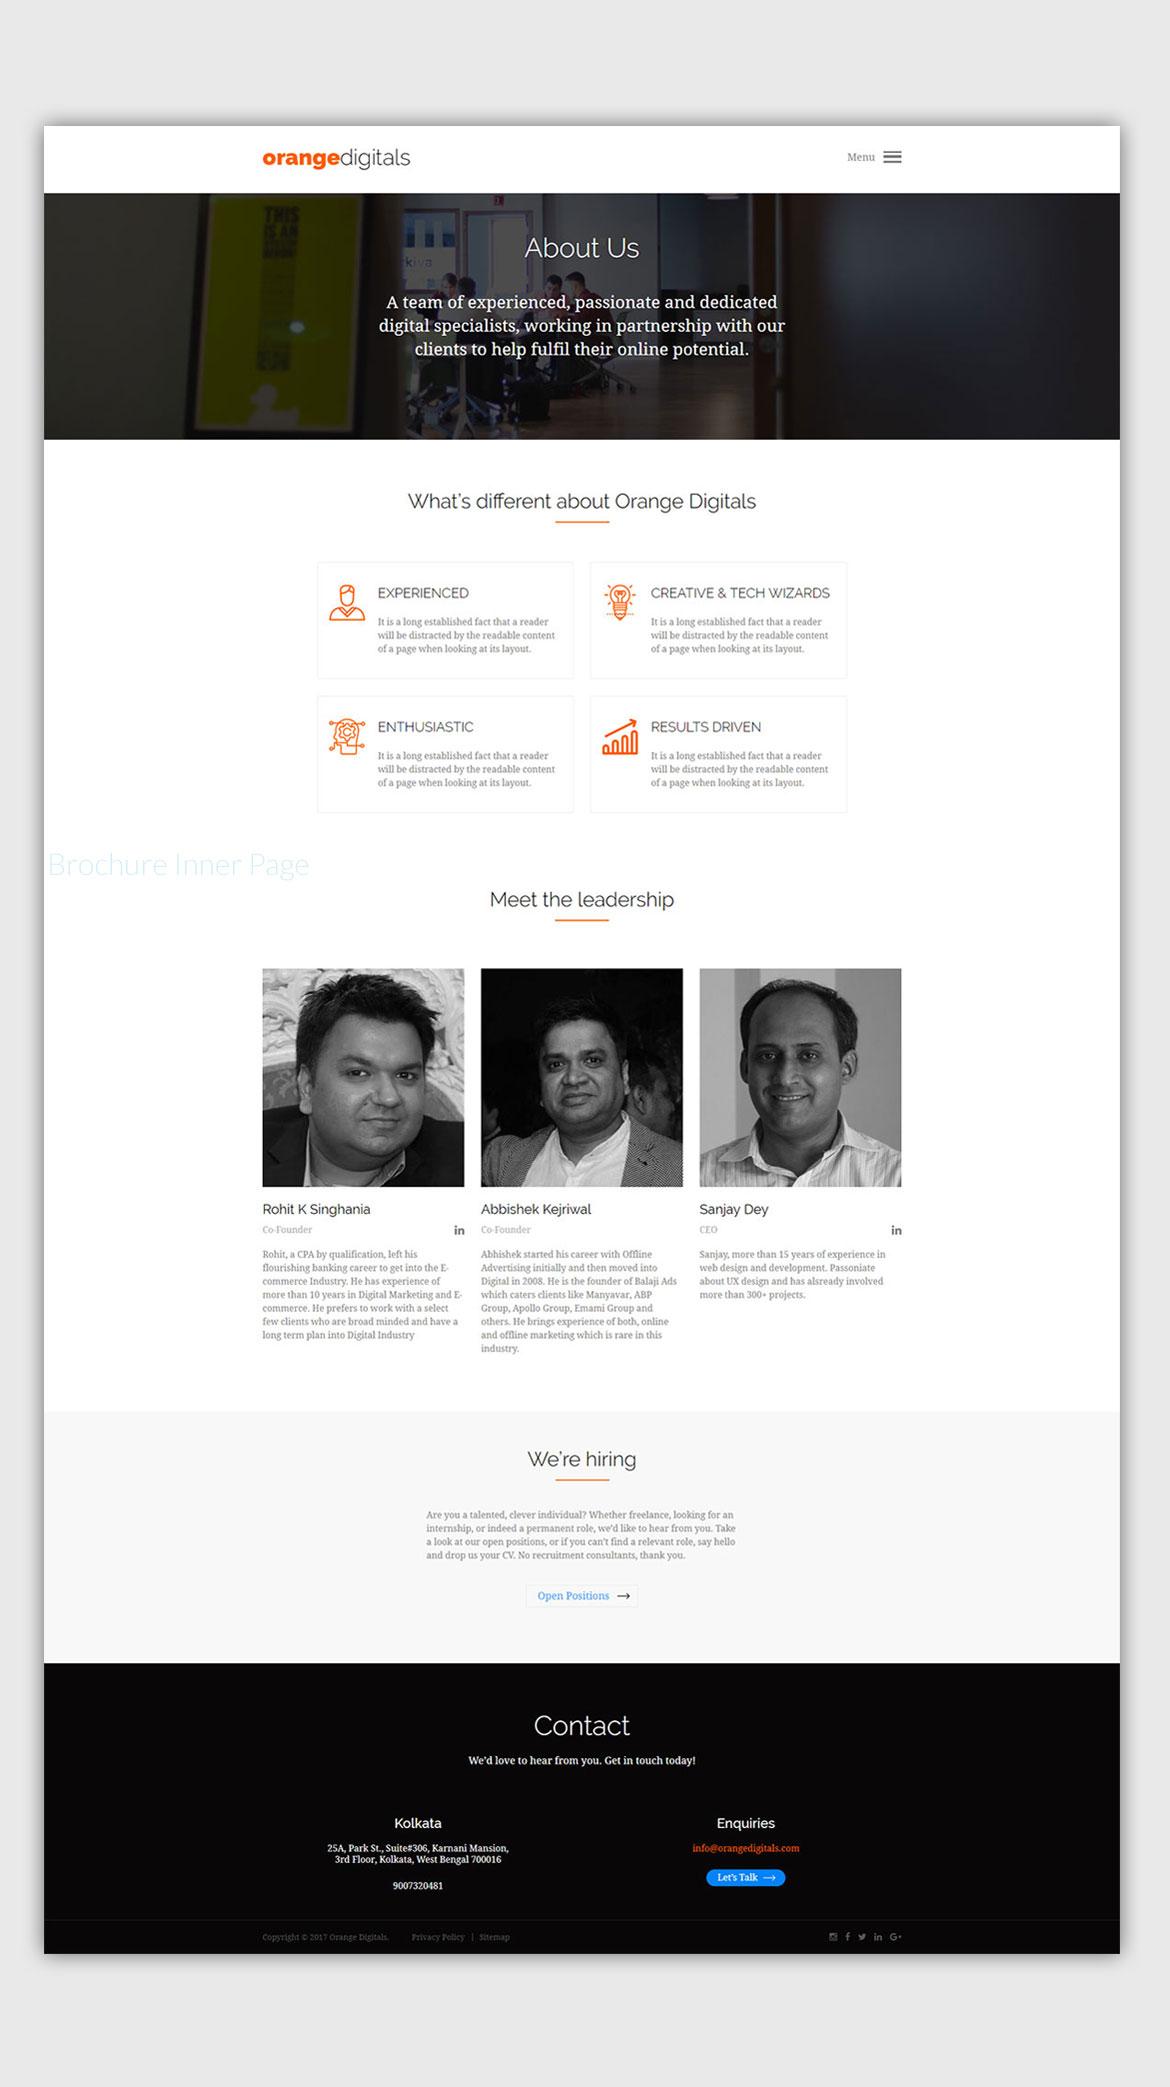 digital-agency-website-design-ui-design-about-us